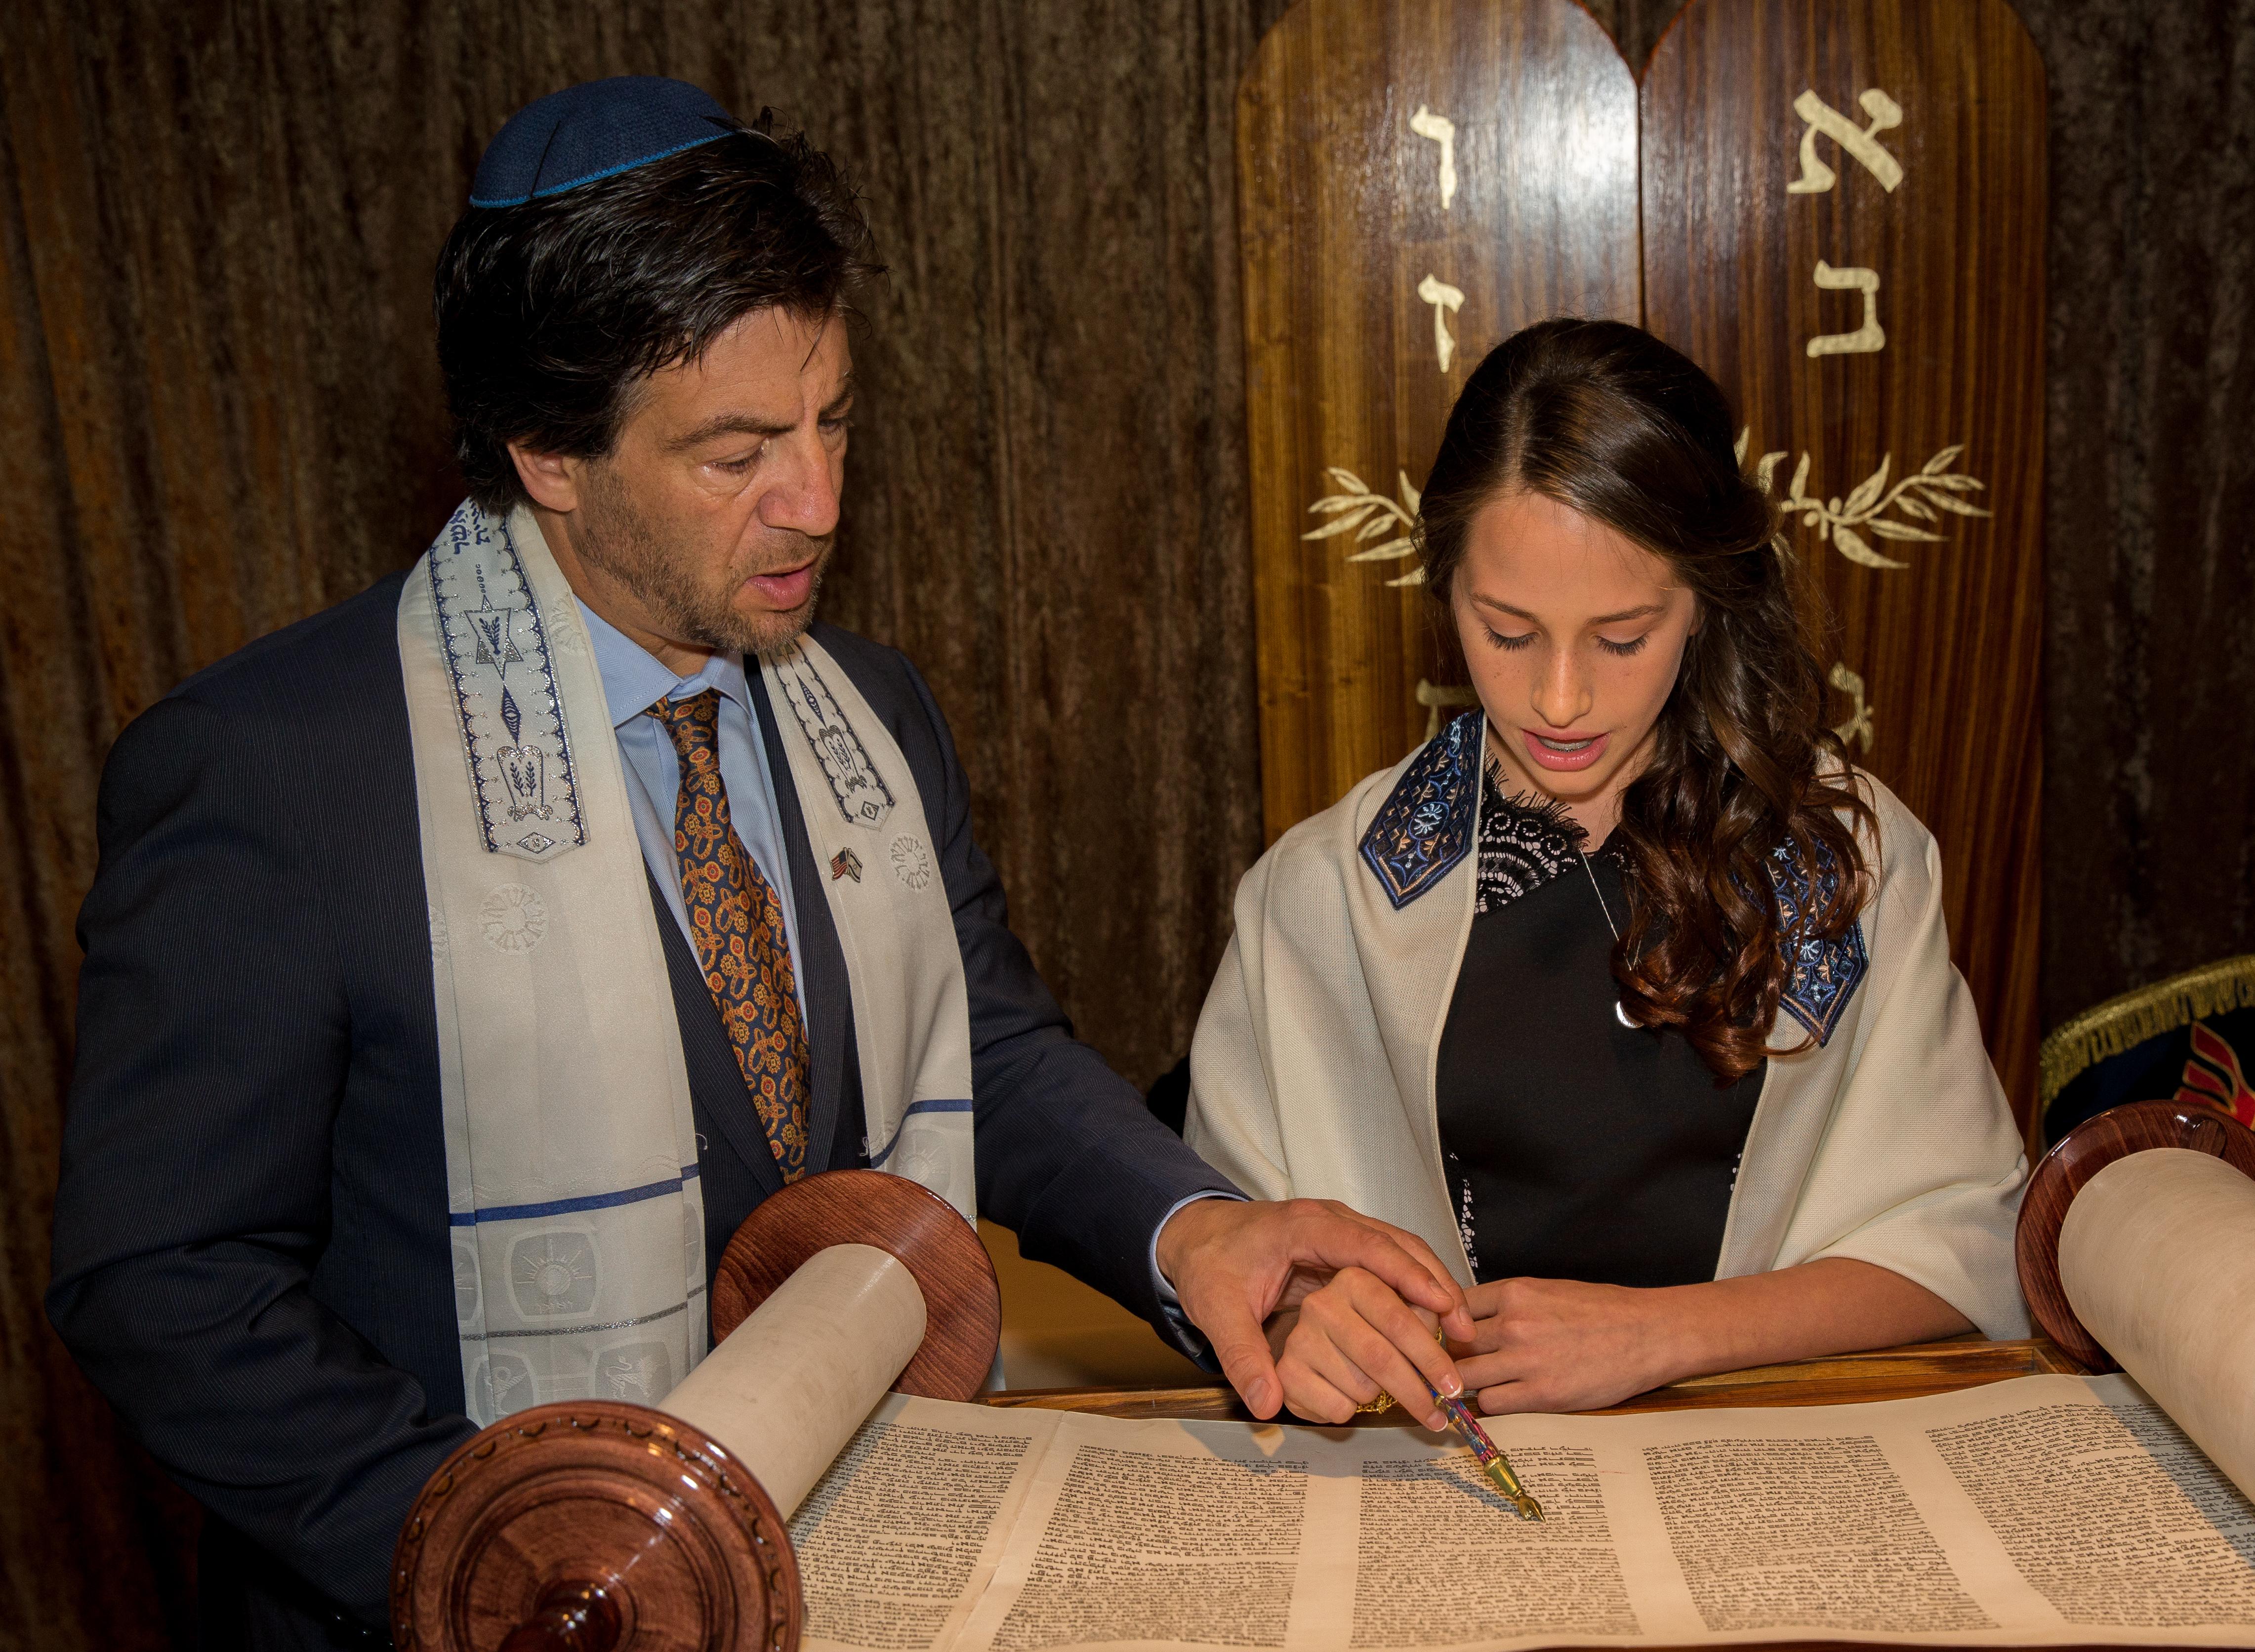 Rabbi Bat Mitzvah Photographer